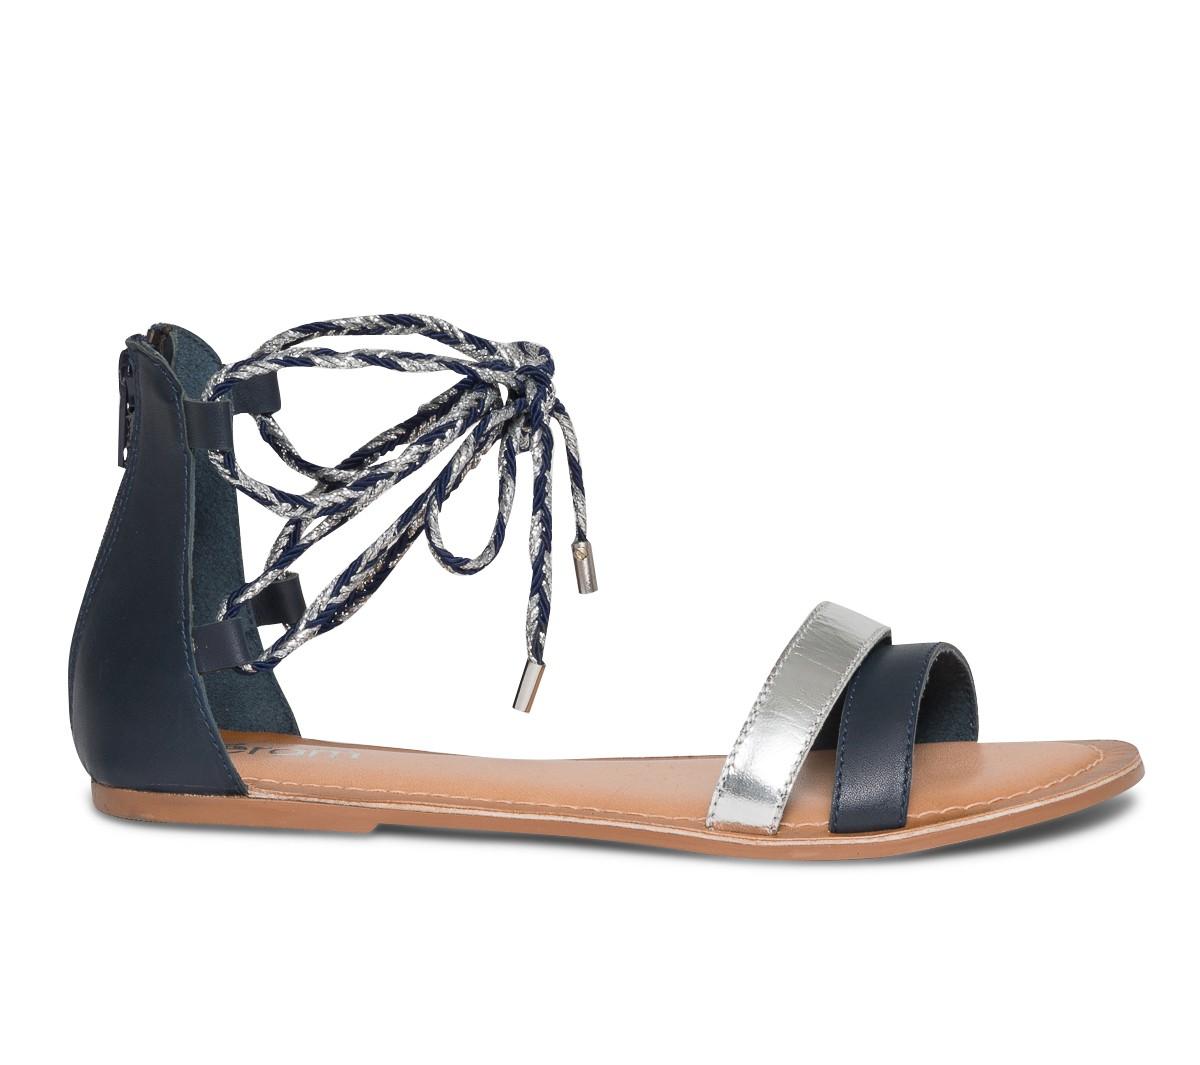 Code promo Eram : Sandales plates femme à lacets bleu marine et argent en cuir d'une valeur de 17,50€ au lieu de 35€